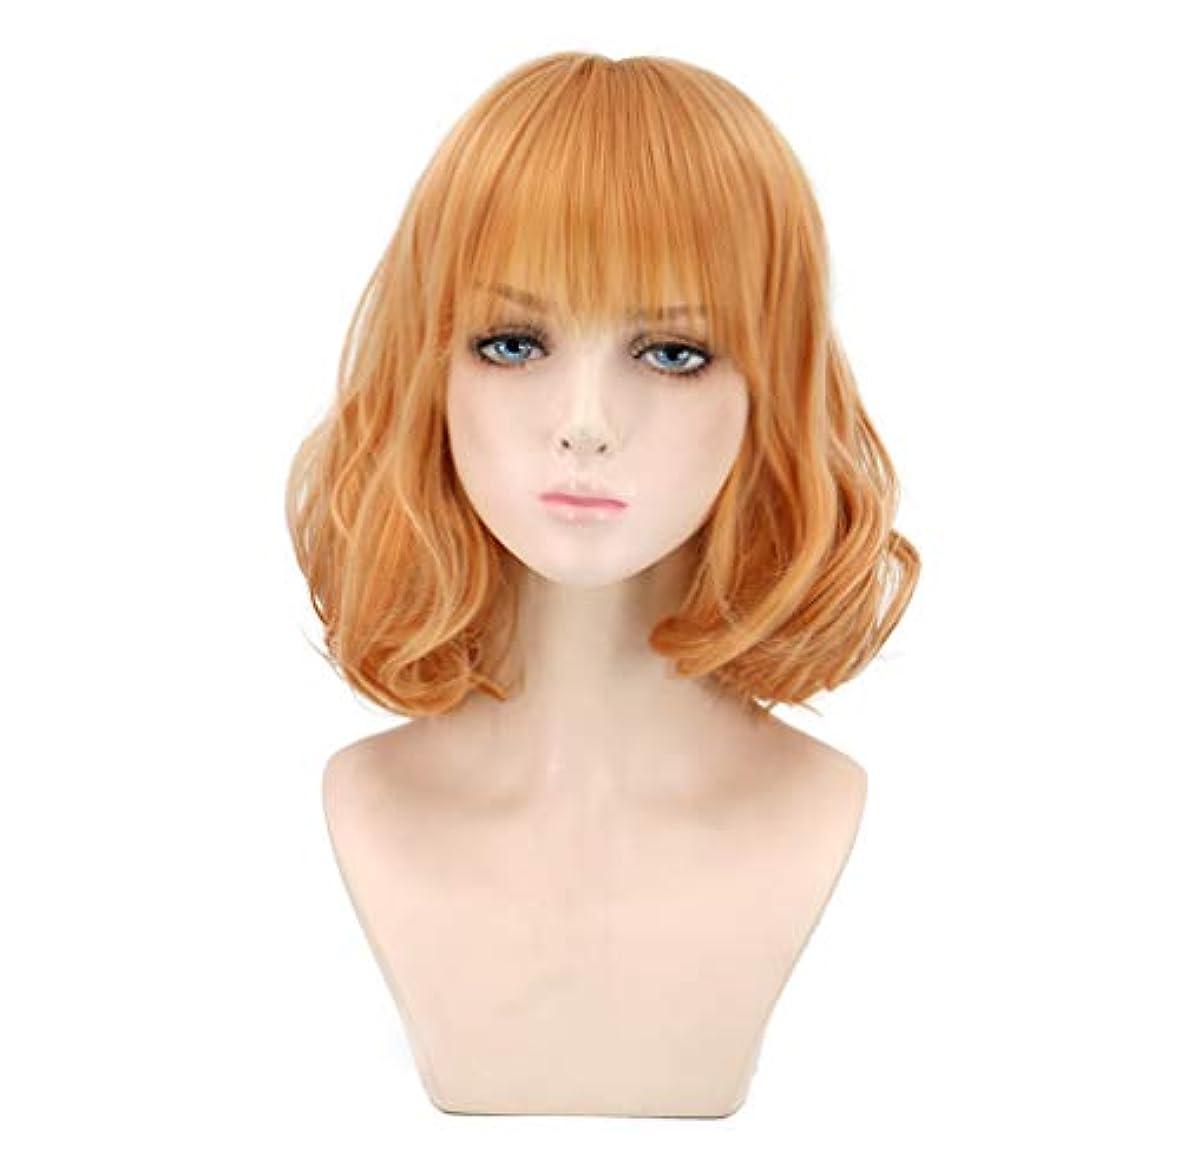 一次エール細断女性のかつらカール耐熱合成かつらショートヘア150%密度ゴールド32 cm